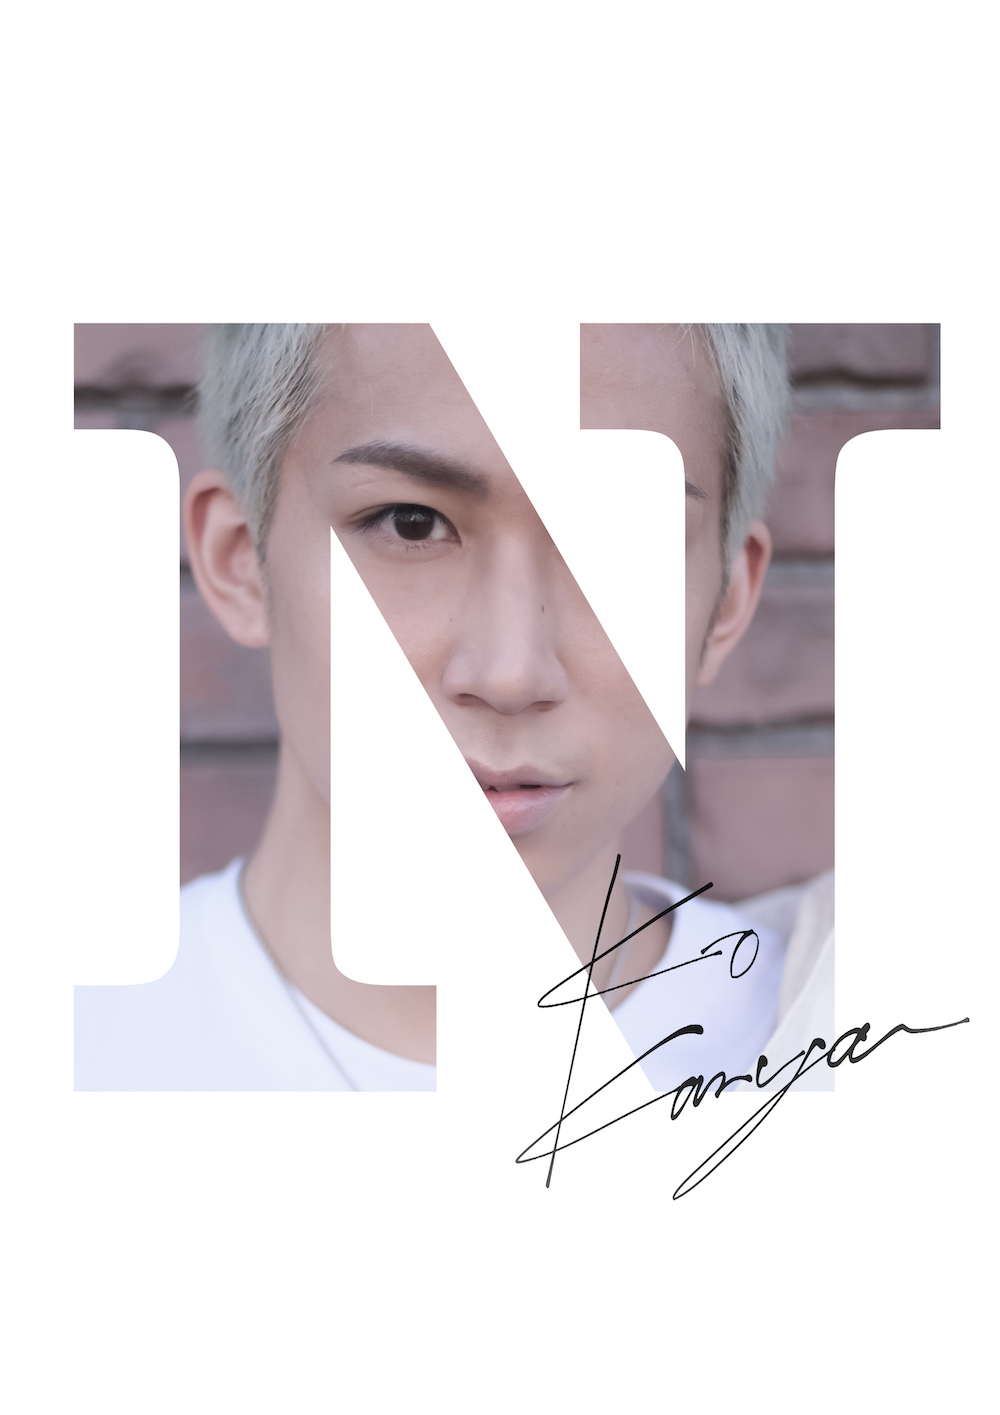 【受注販売】KO KANEGAE 1st 写真集 『N』